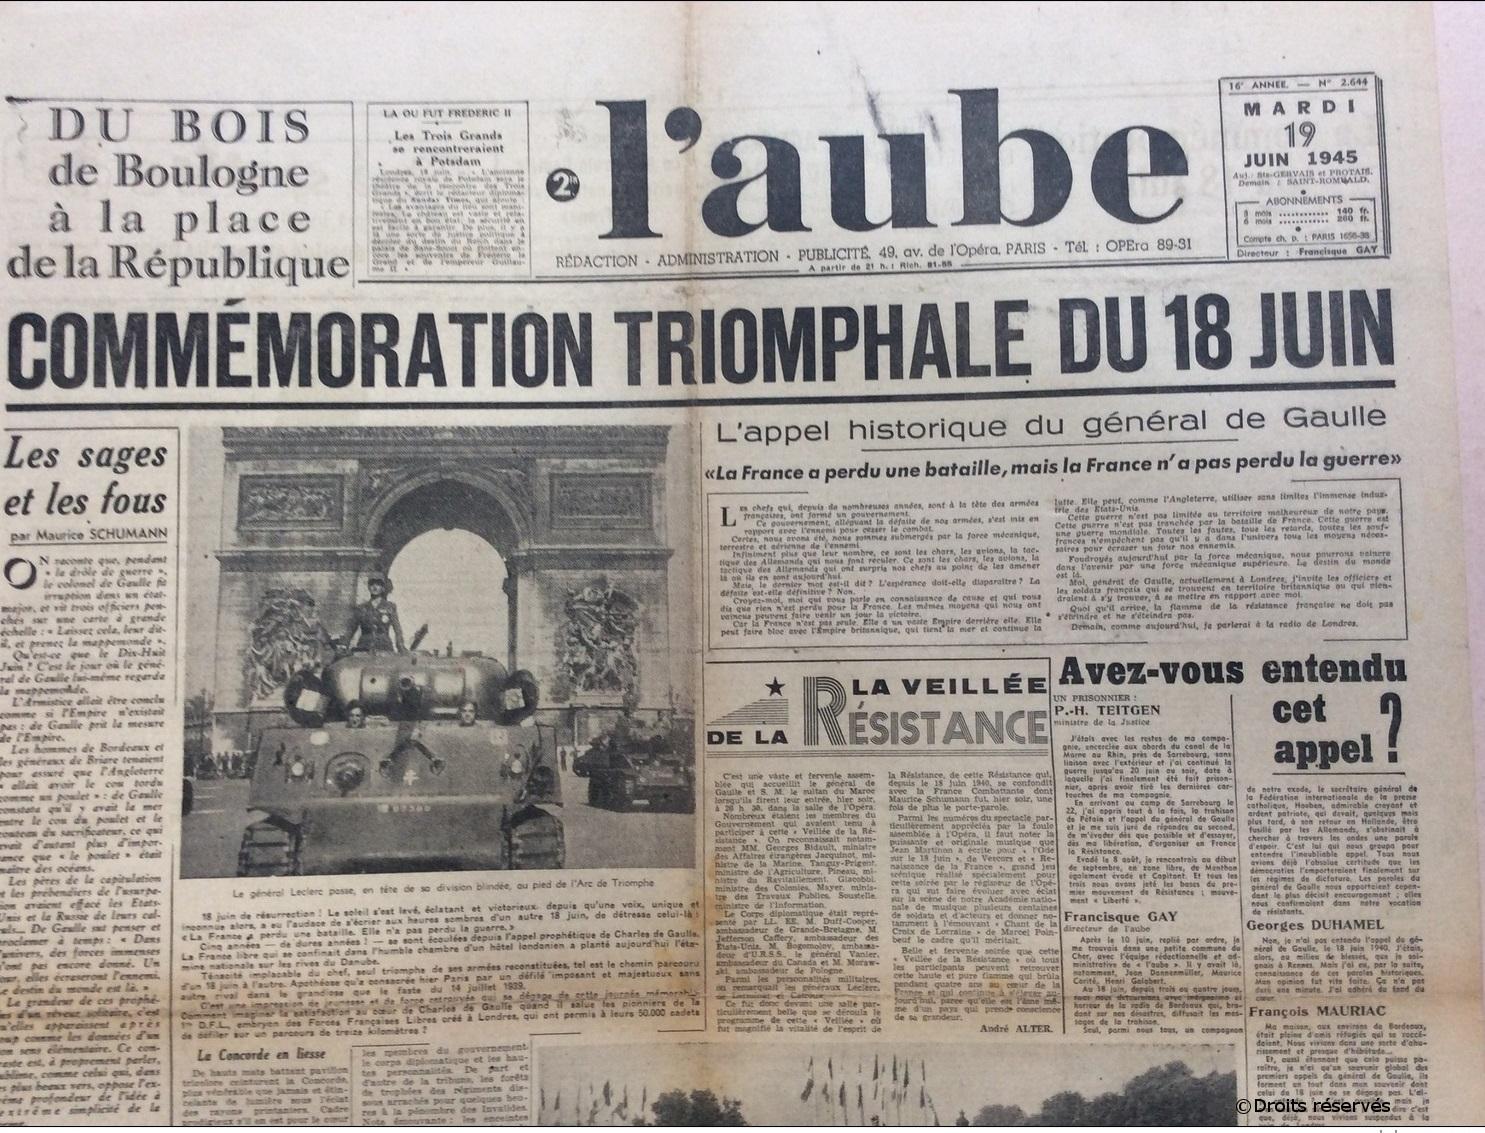 18/06/1945 : 1ère cérémonie commémorative au Mont-Valérien